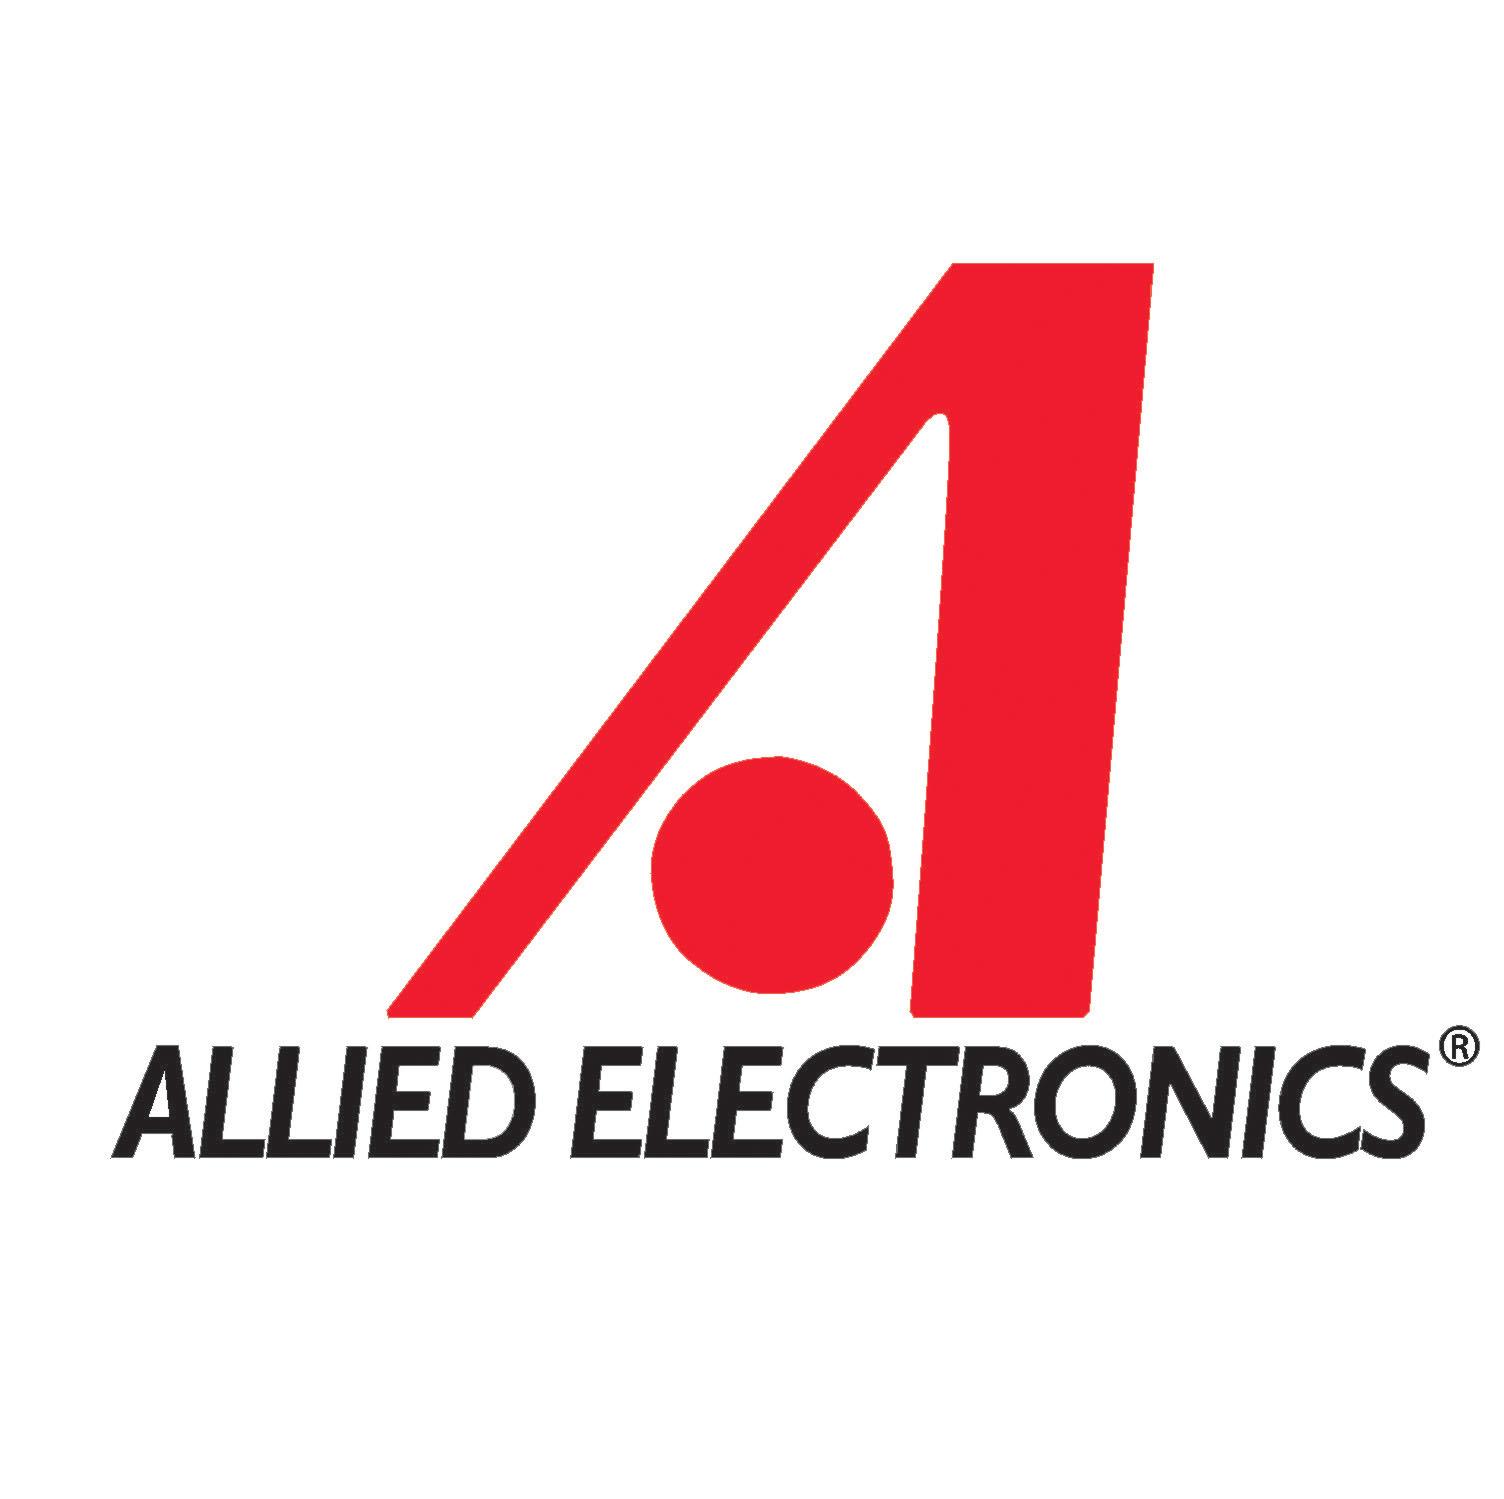 Allied Electronics logo